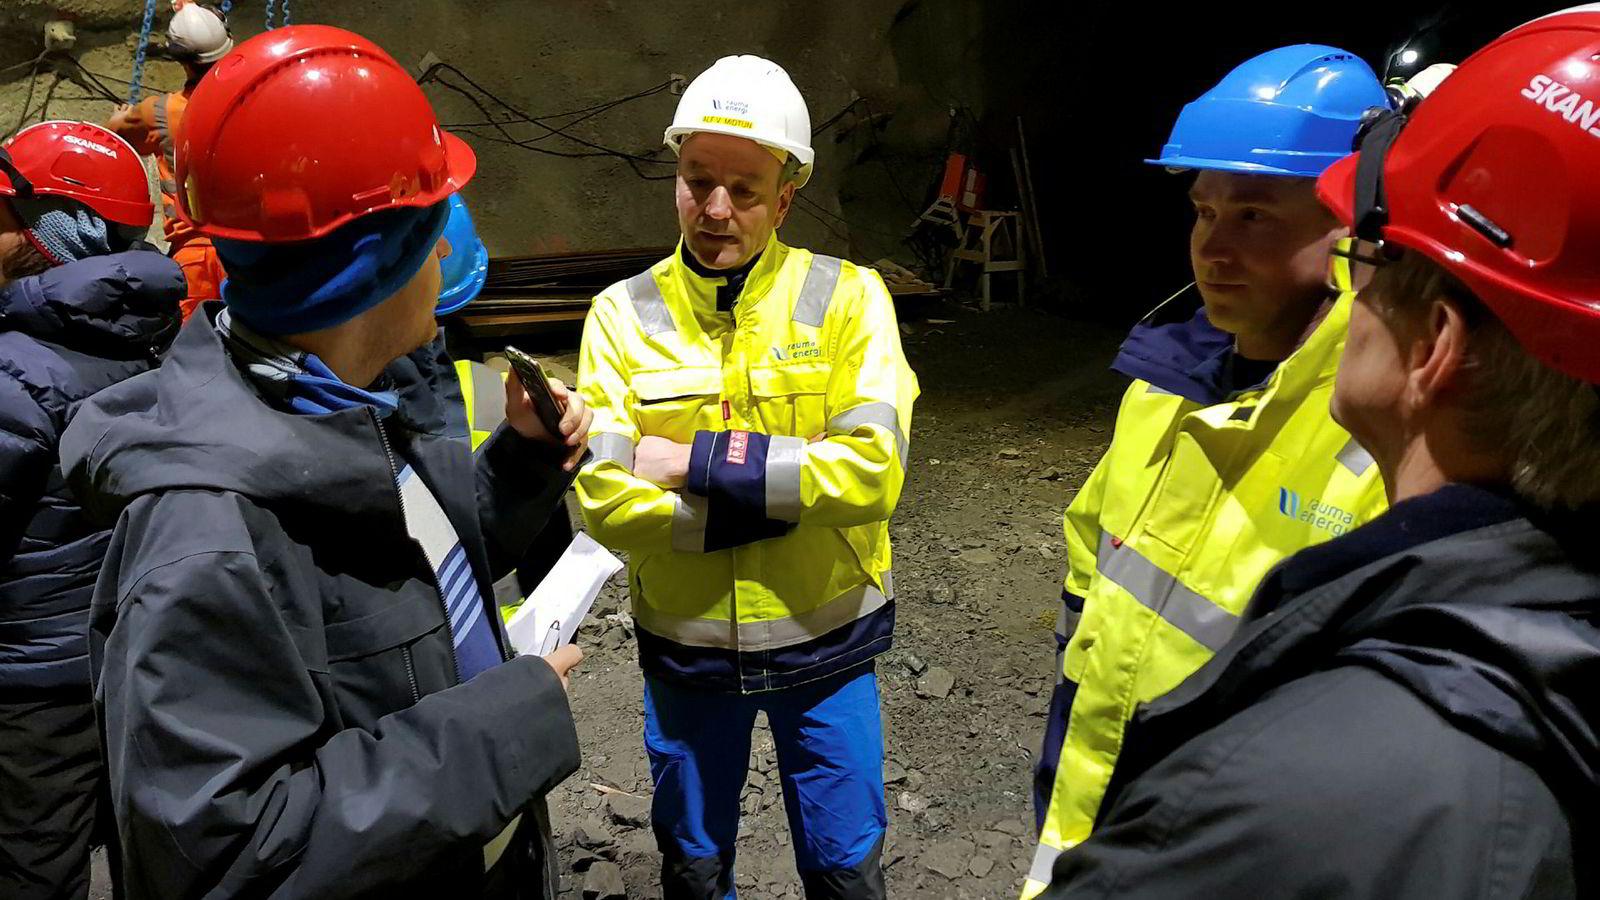 Administrerende direktør Alf Vee Midtun i Rauma Energi (i midten) har fått respons på langtidskontrakten. Her ved en befaring i forbindelse med byggingen av Nye Verma kraftverk som er kostnadsberegnet til 400 millioner kroner.